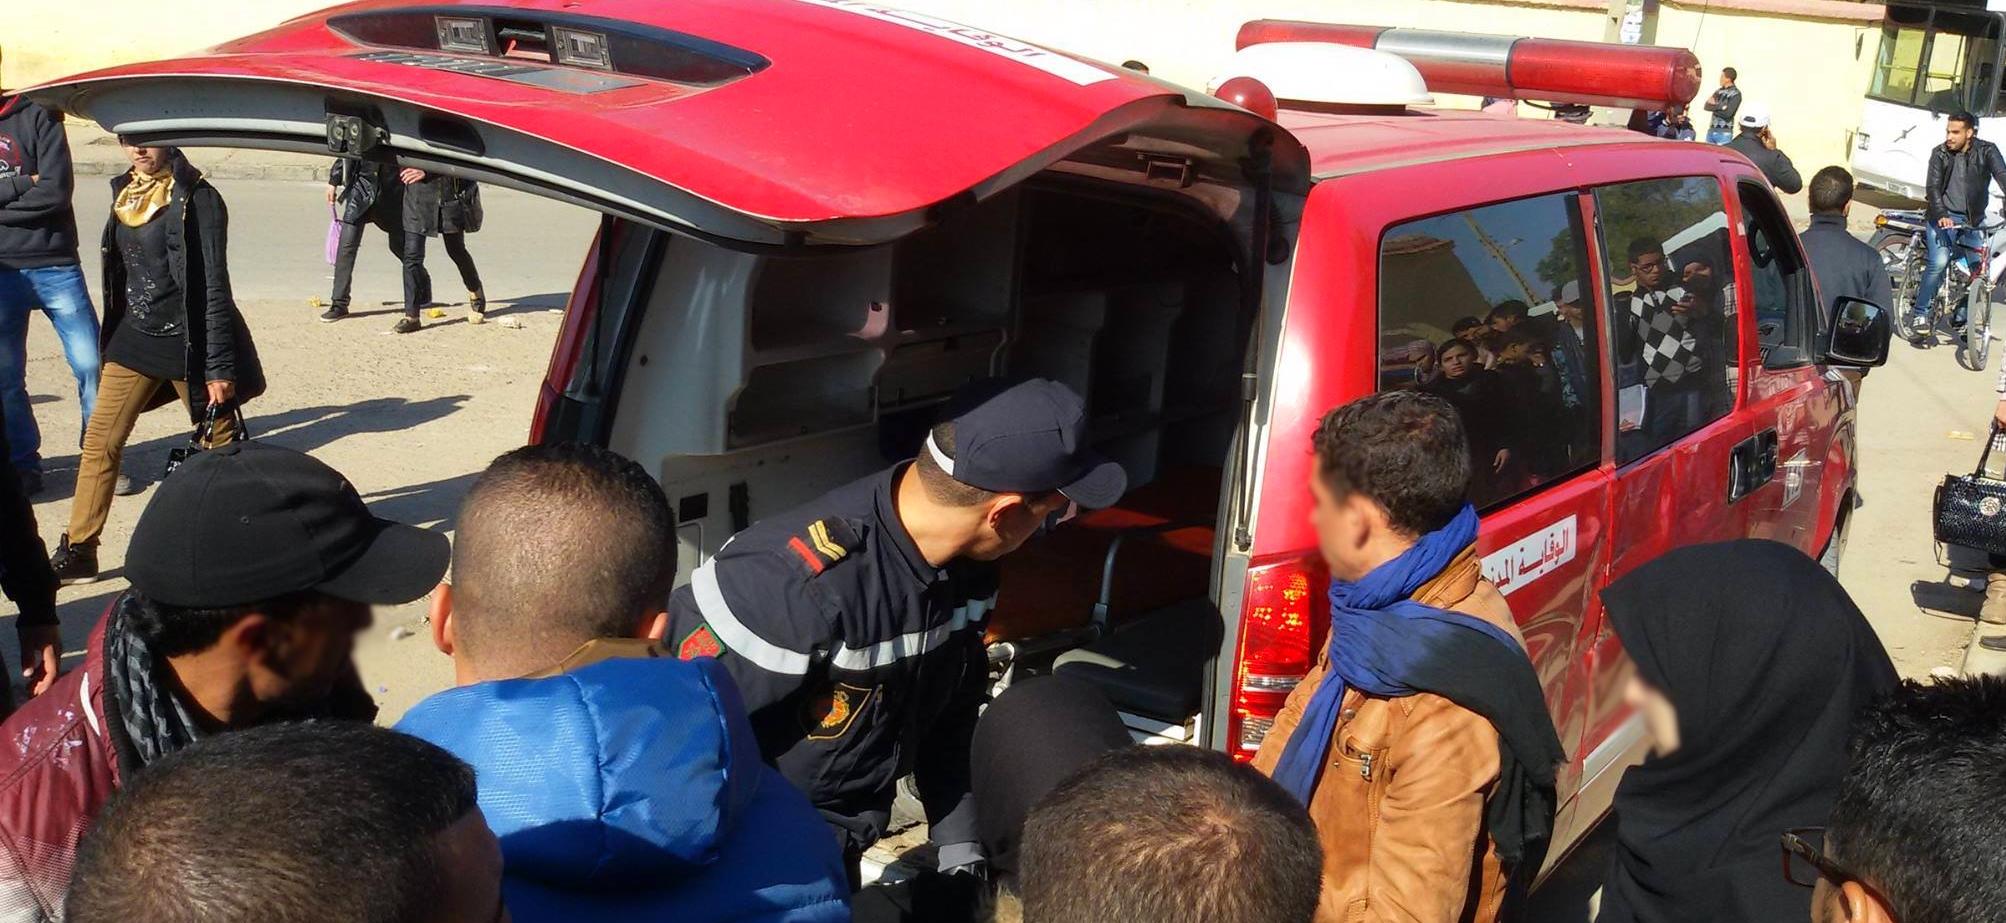 مأساة جديدة:شاحنة تدهس طفلاً و ترديه قتيلاً بالحسيمة